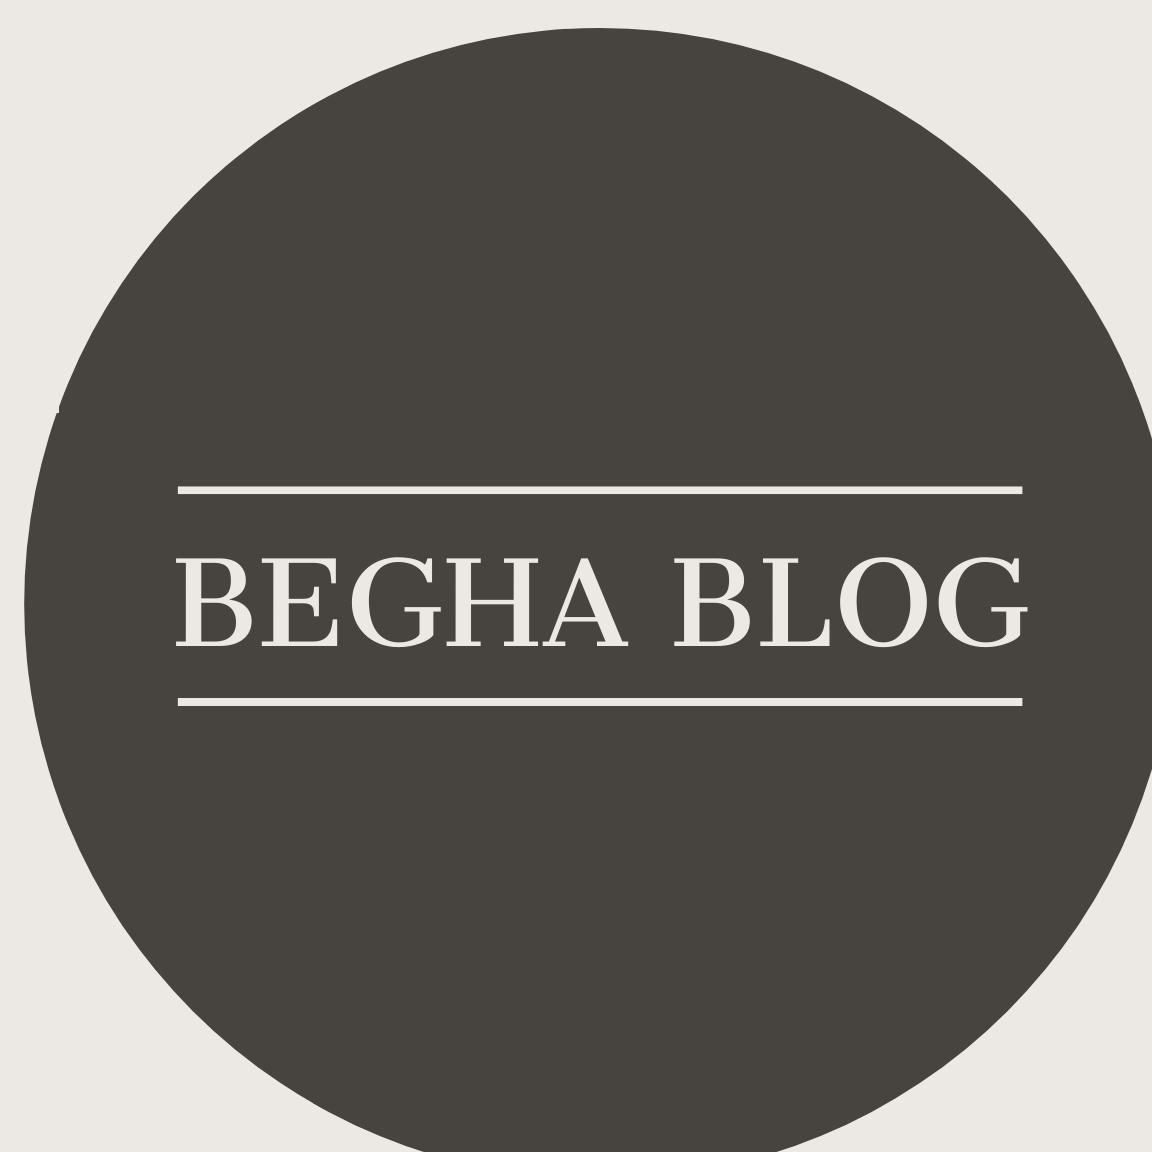 Begha Blog